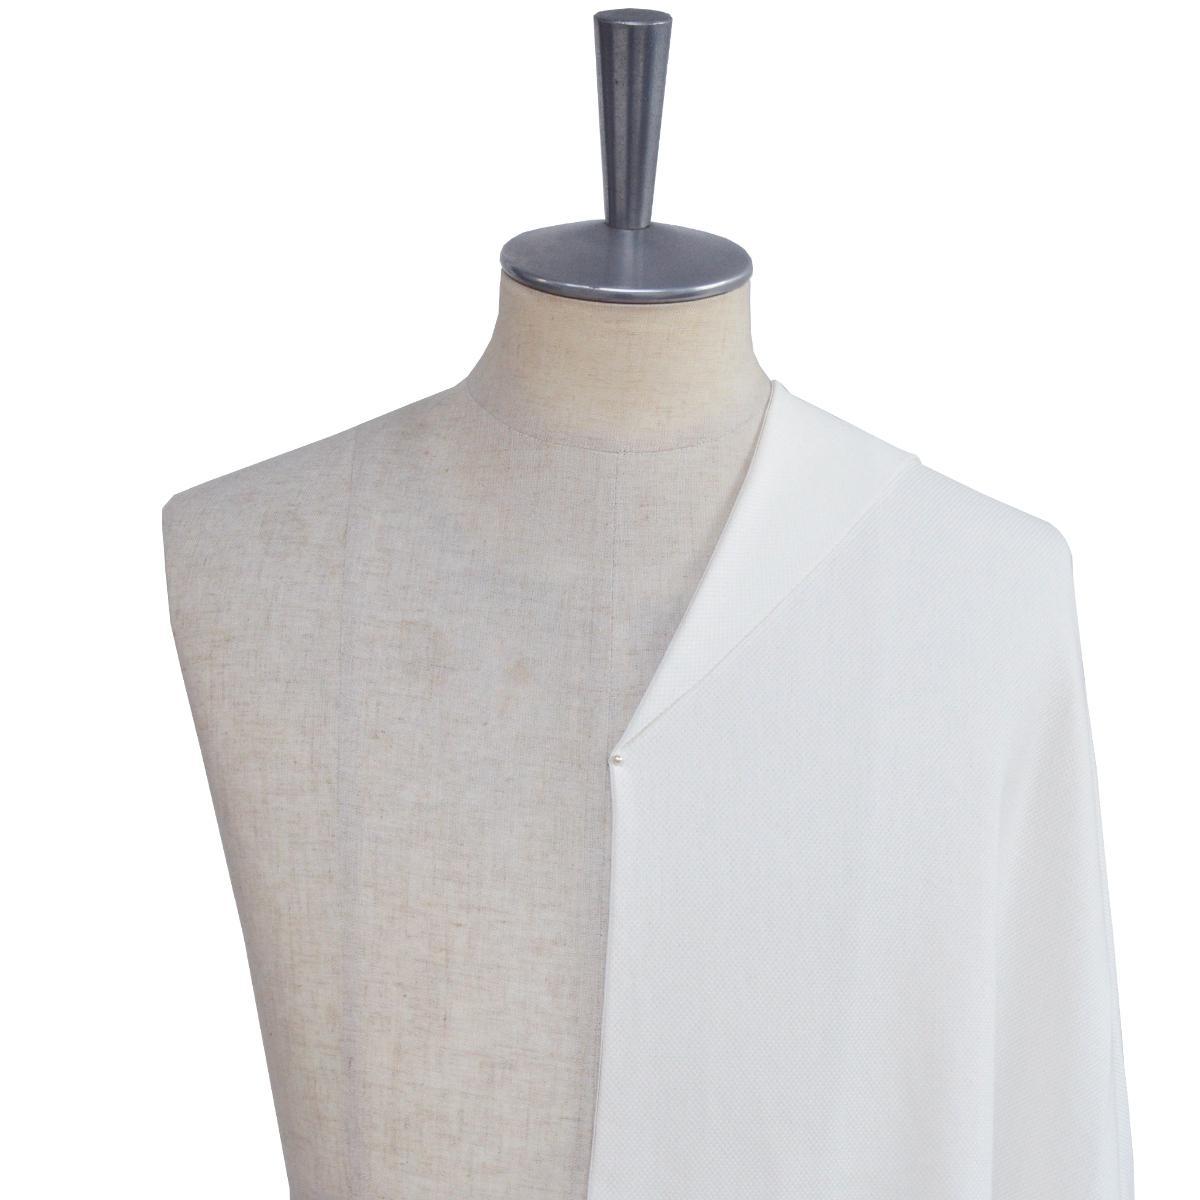 [オーダーシャツ]吸水速乾性に優れたニットシャツはコチラ